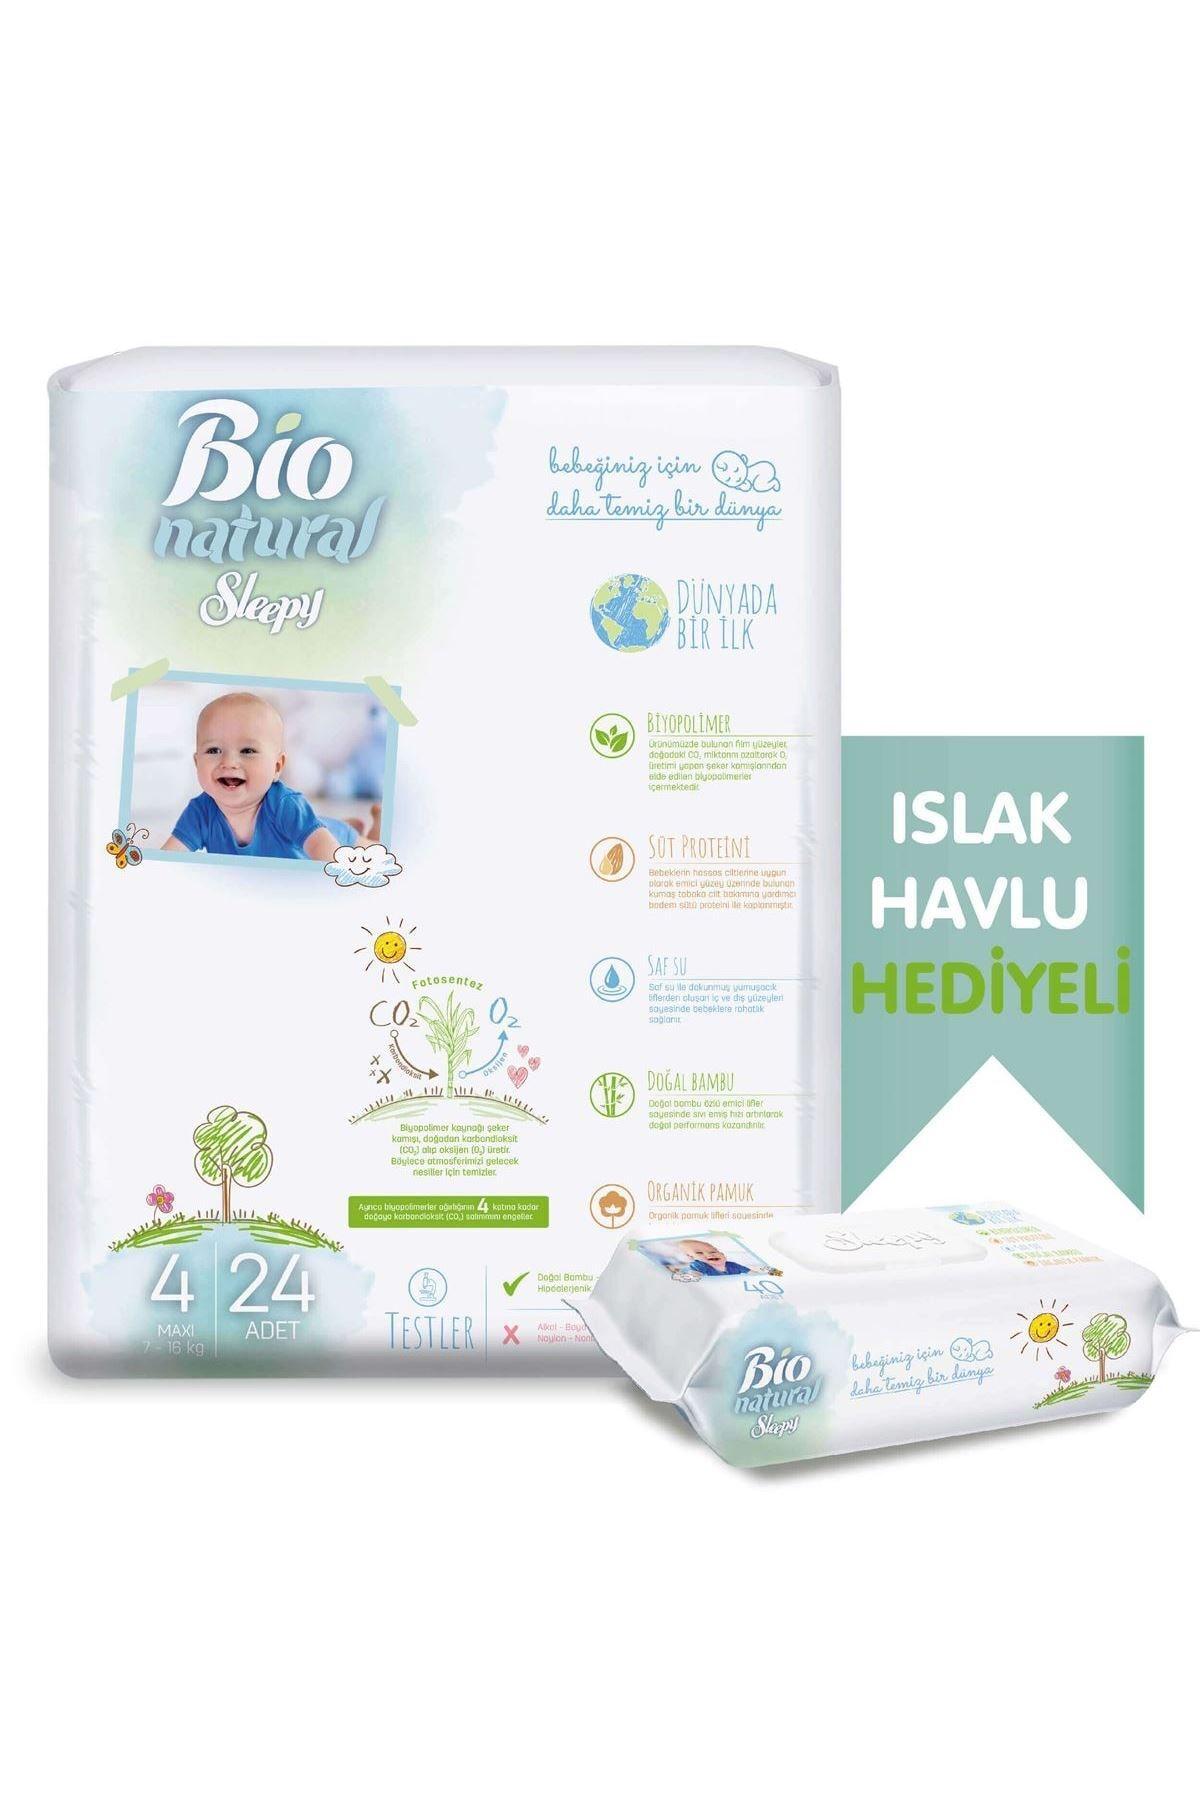 Sleepy Bio Natural Bebek Bezi 4 Numara Maxi 24 Adet + Bio Natural Islak Havlu Hediyeli 2